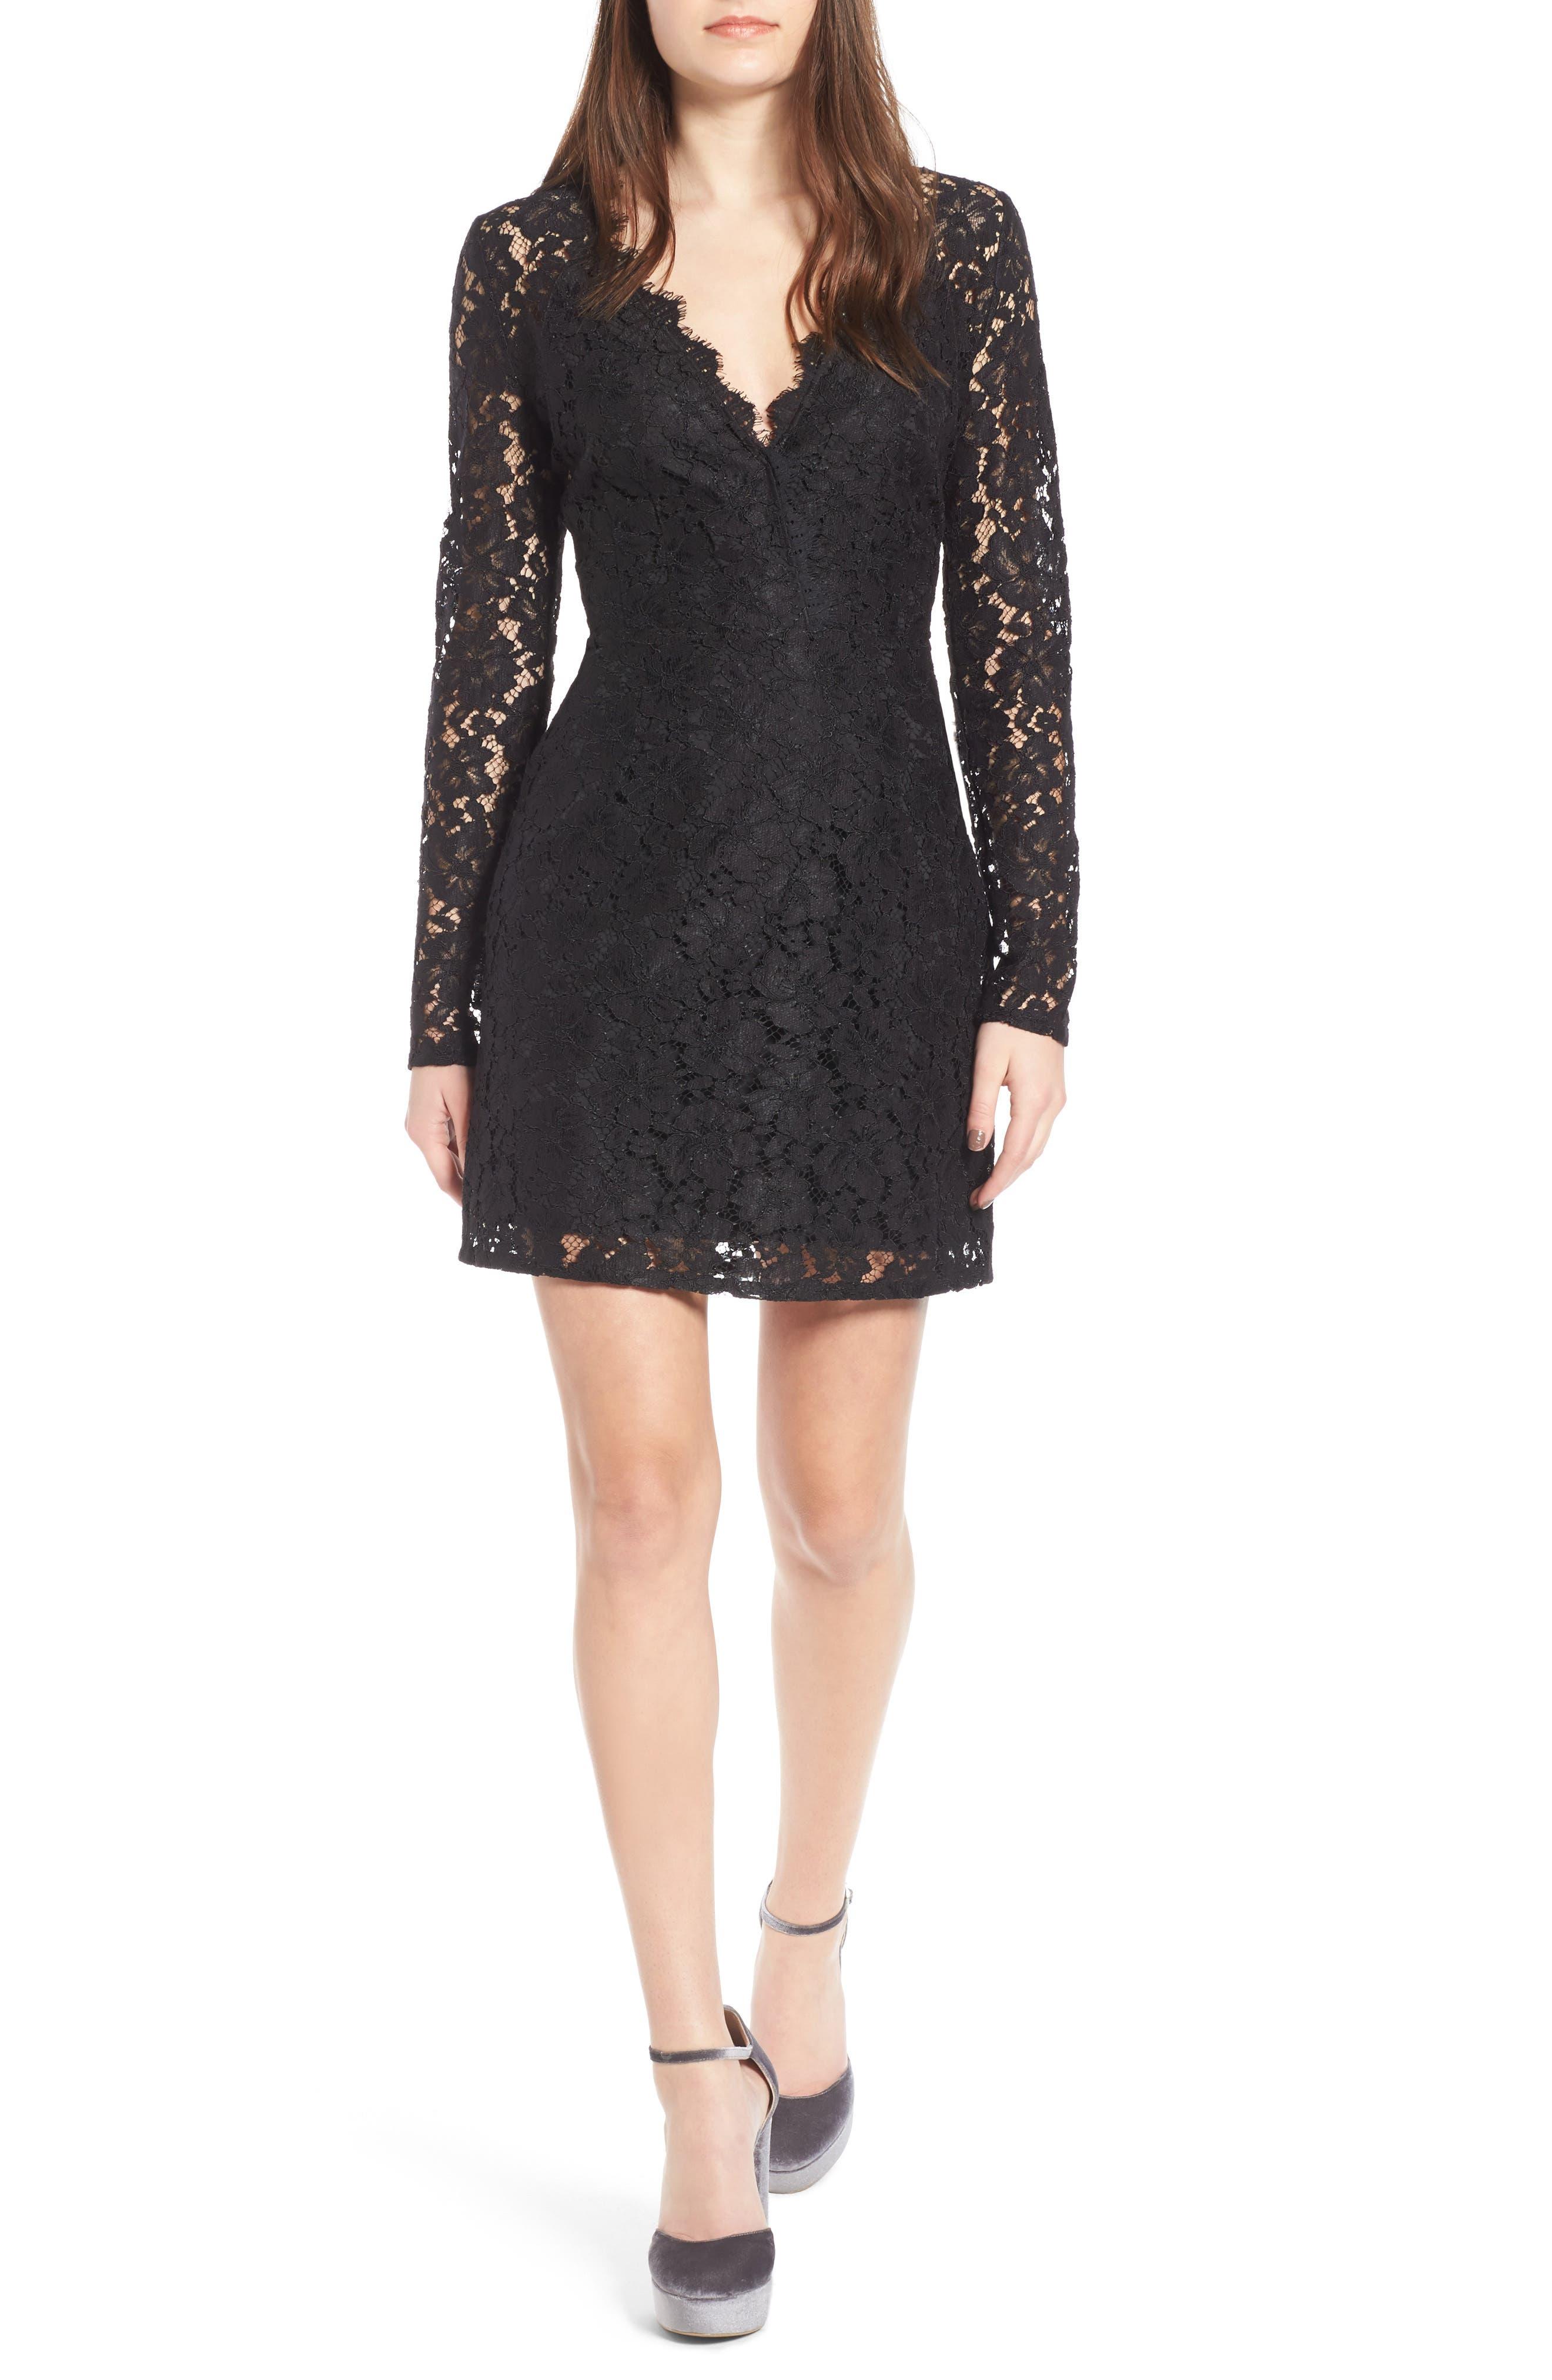 Say It Out Loud Lace Dress,                             Main thumbnail 1, color,                             002